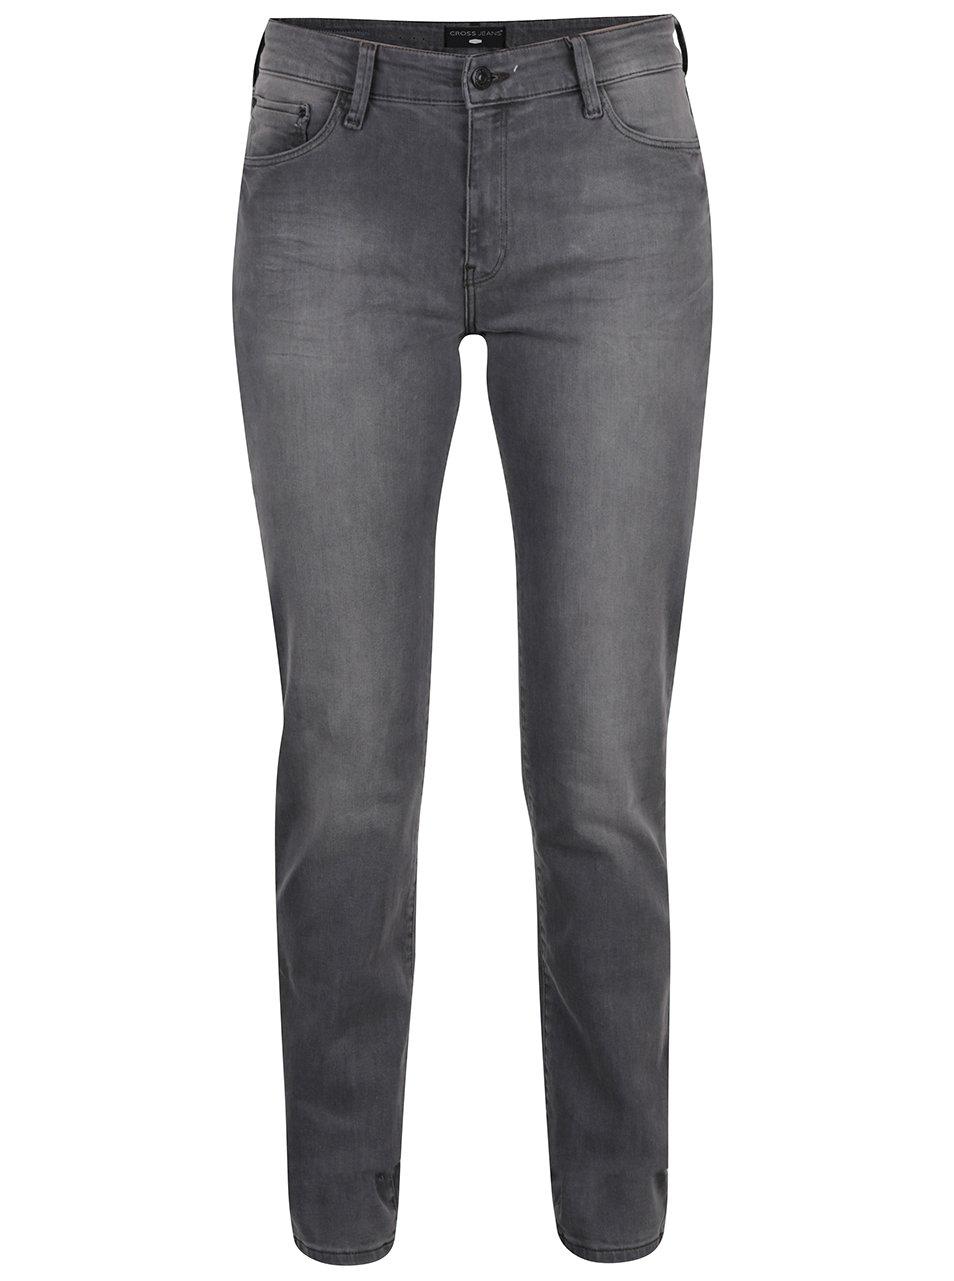 Šedé dámské slim džíny Cross Jeans Anya